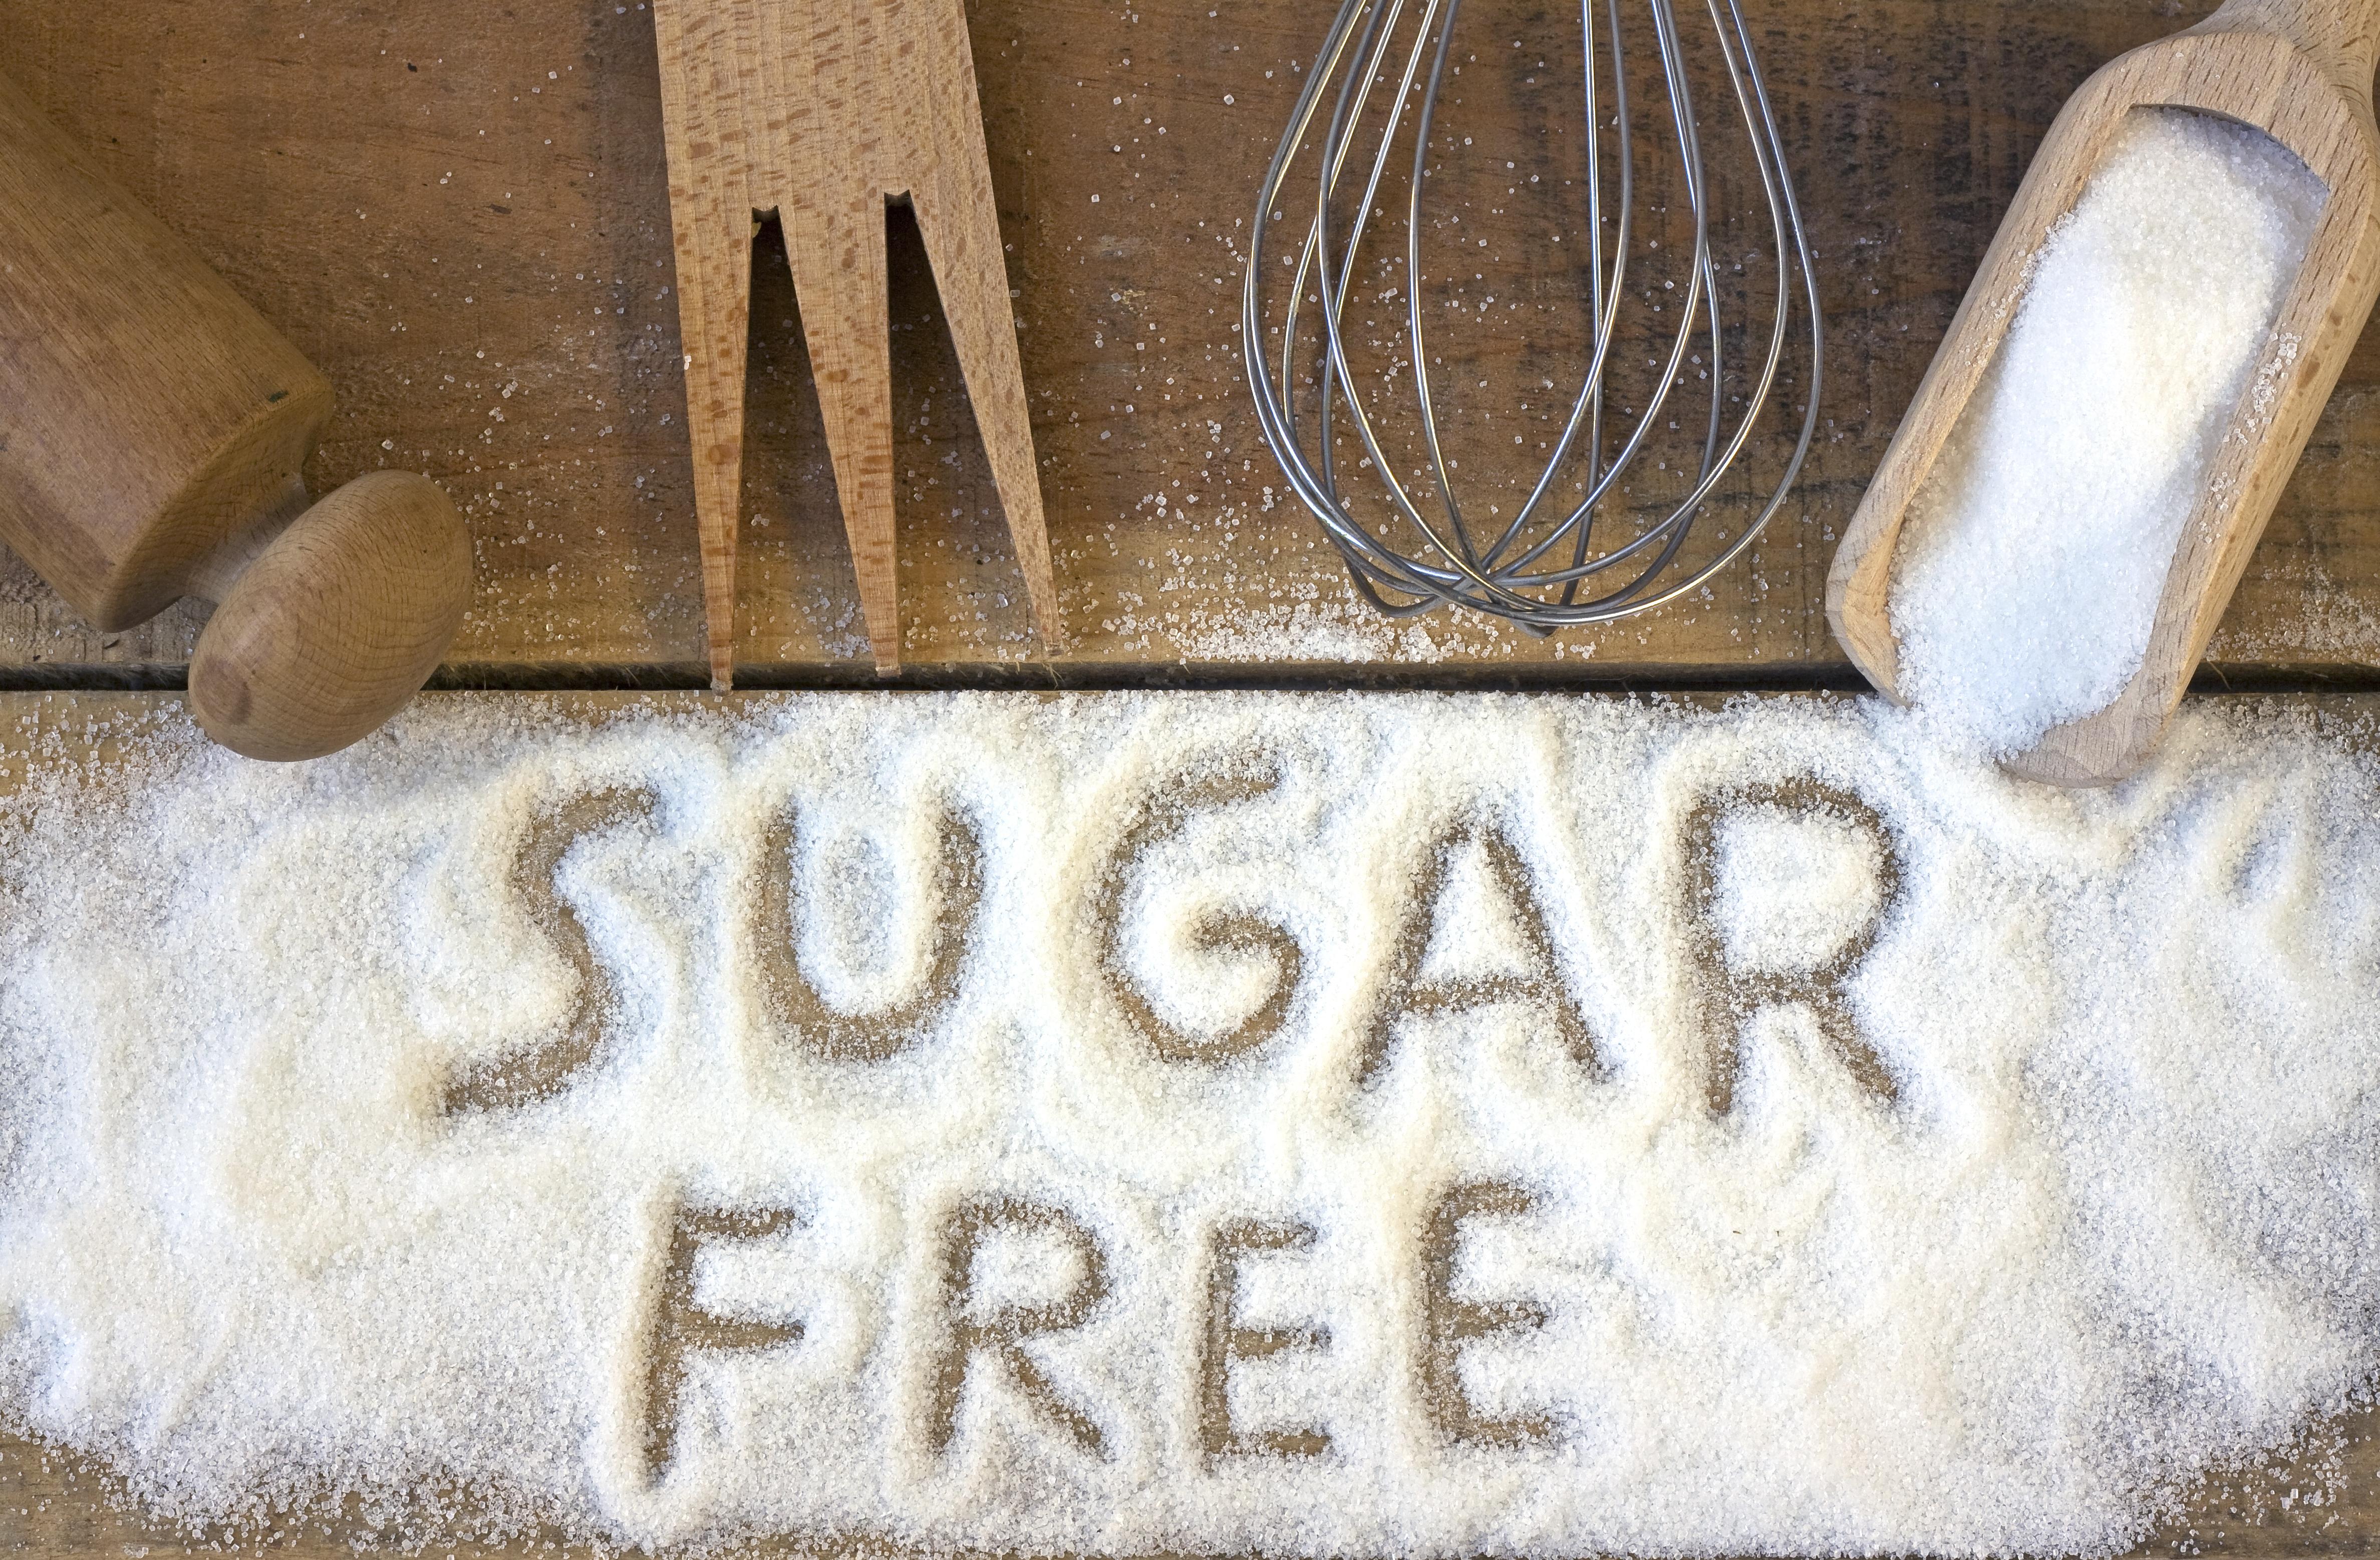 'Encouraging start' to sugar reduction